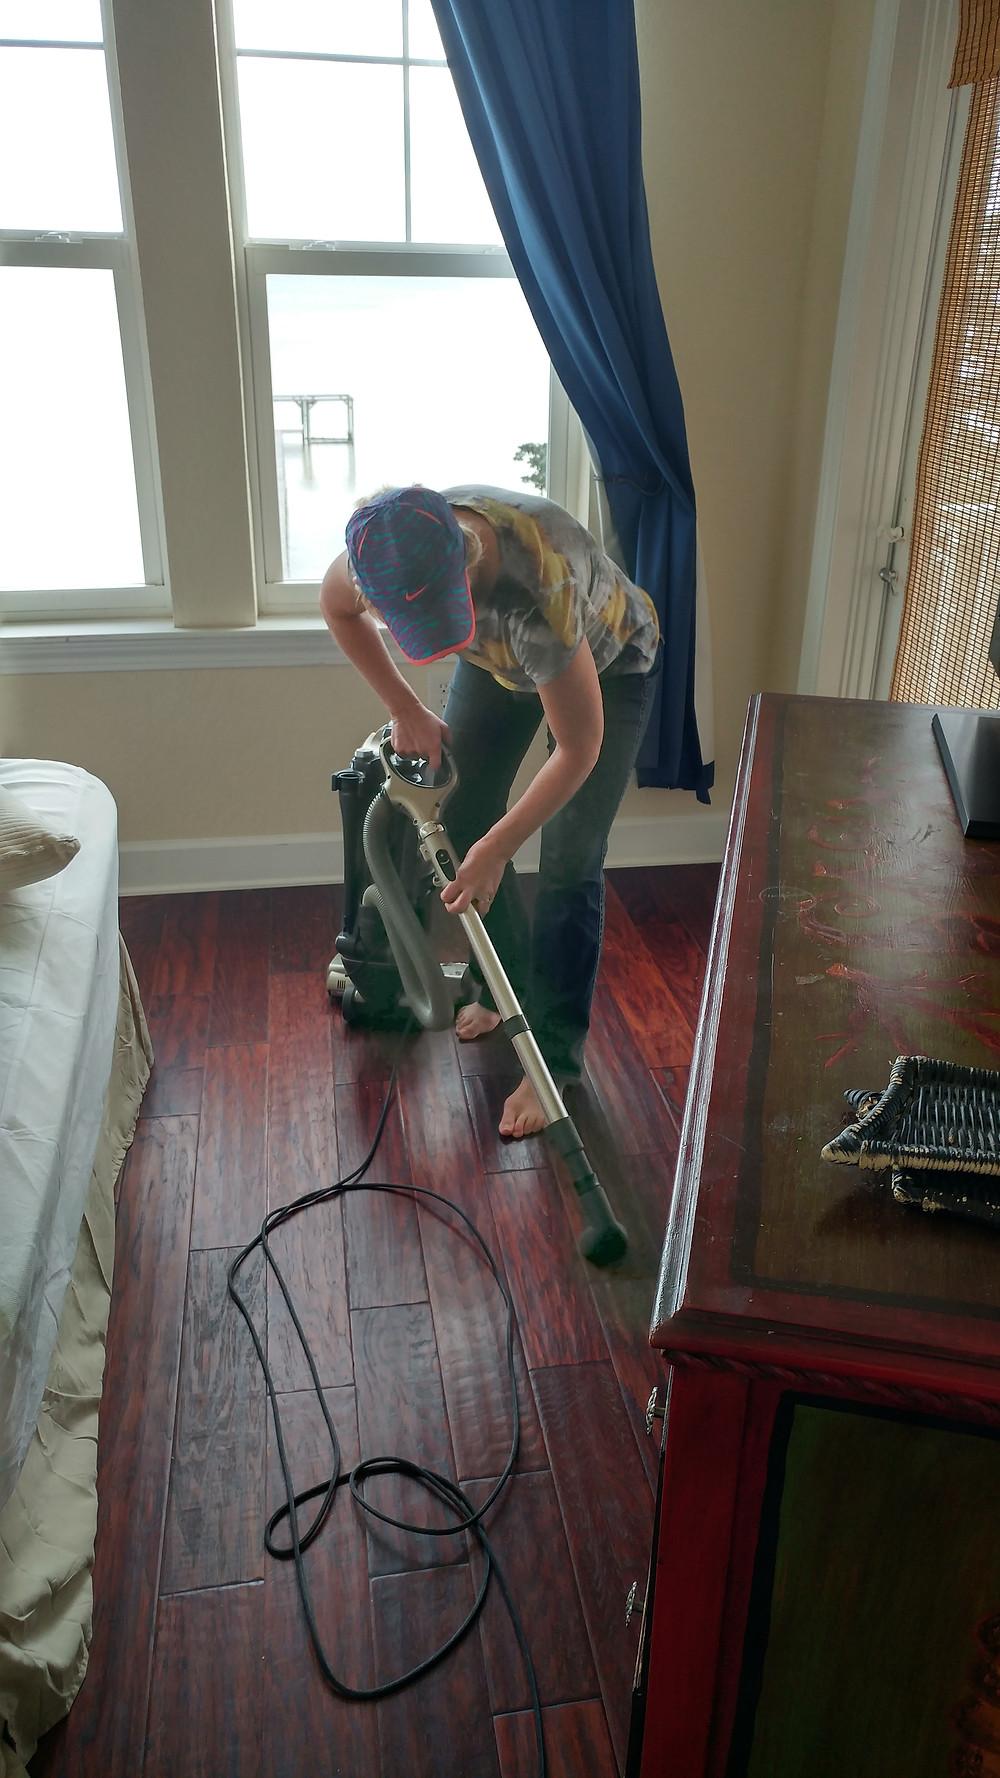 Elizabeth vacuums behind dresser.